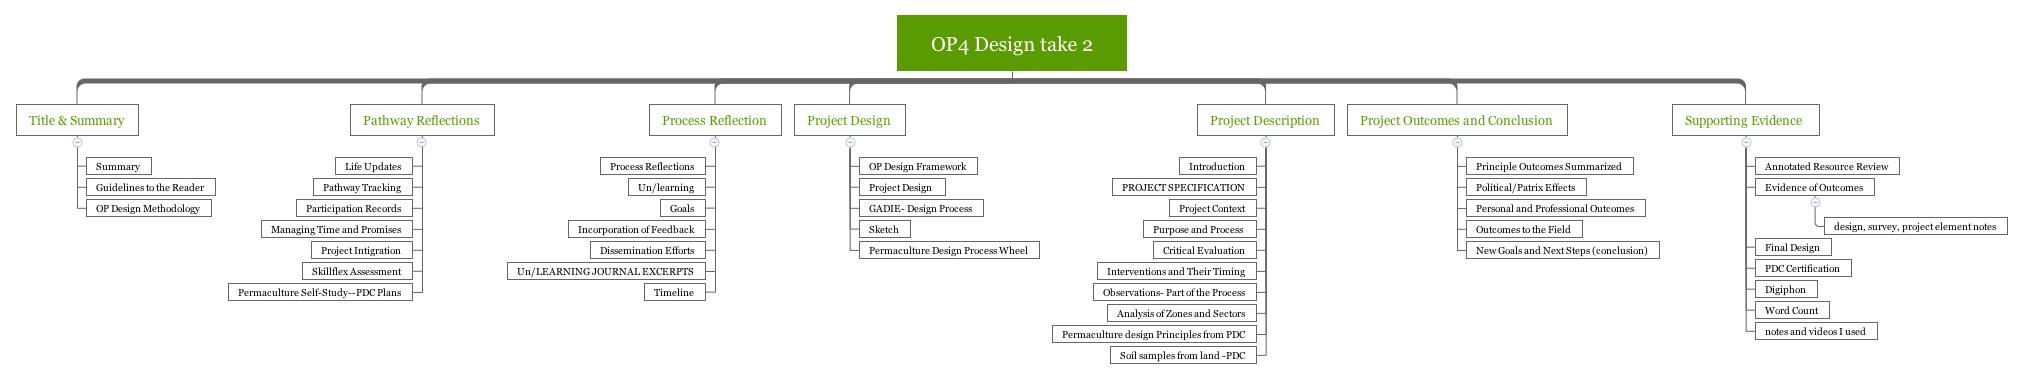 OP4 Design take 2